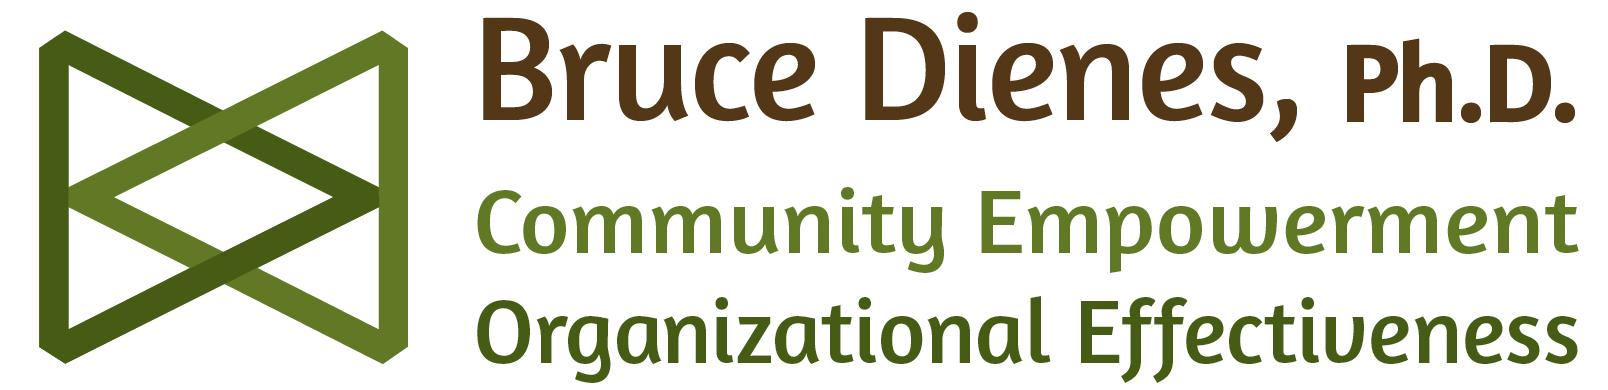 Bruce Dienes Consulting